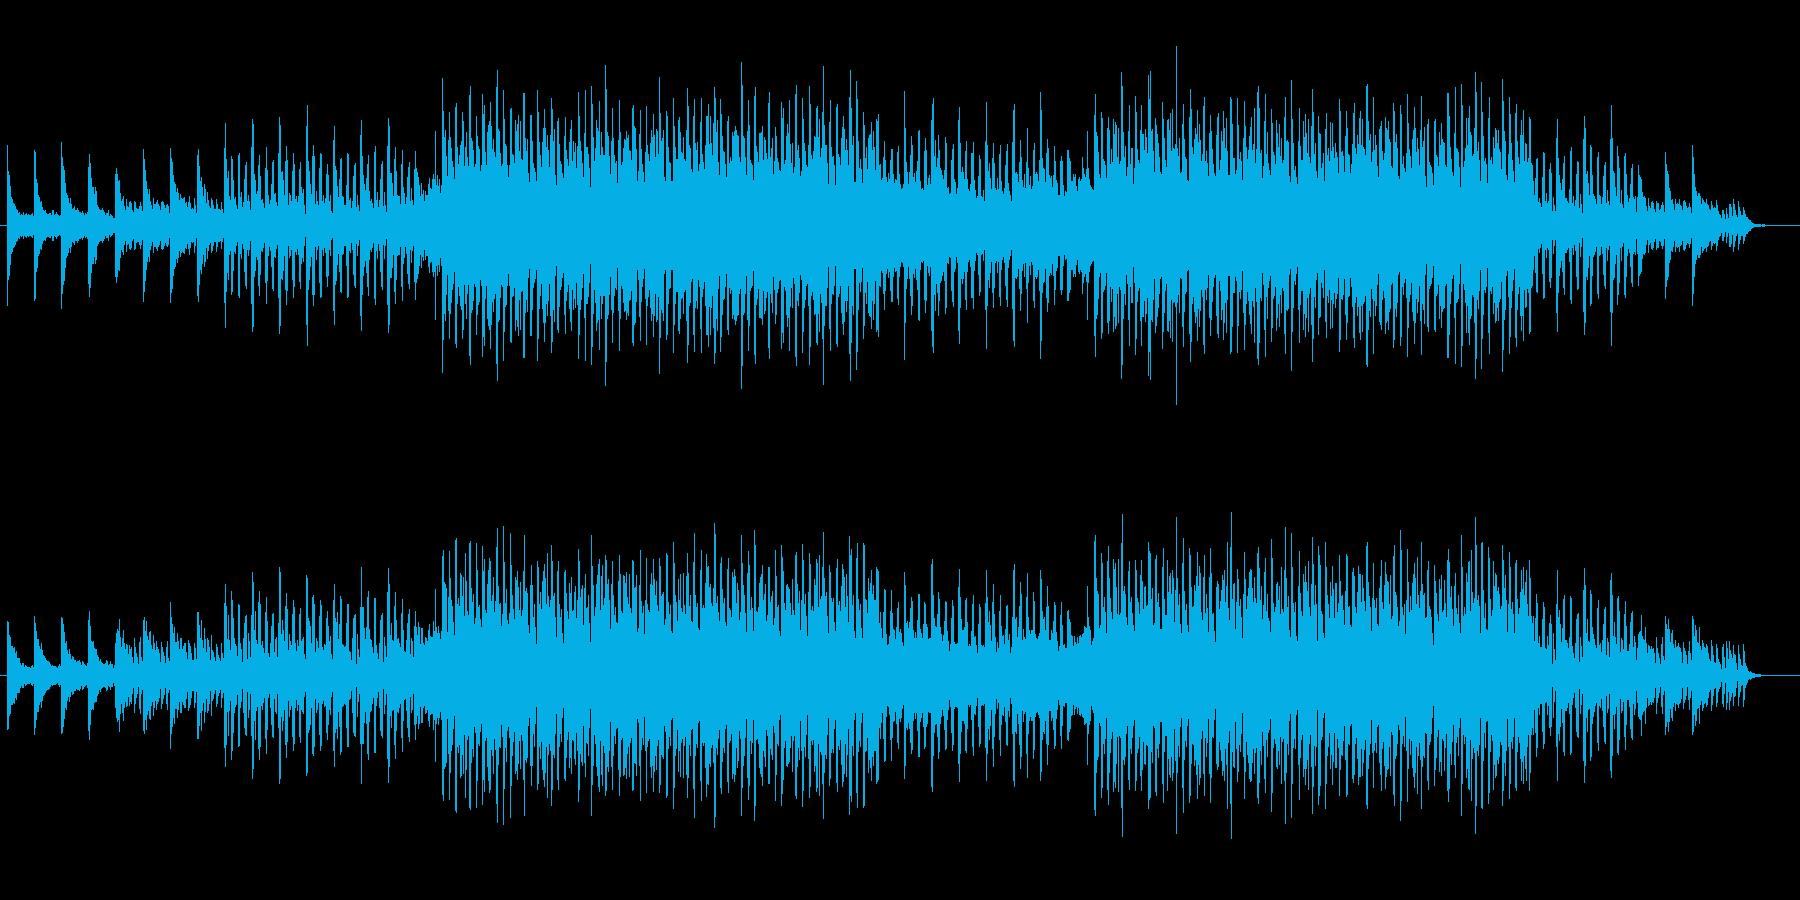 ピアノとクワイヤのハウスミュージック!の再生済みの波形